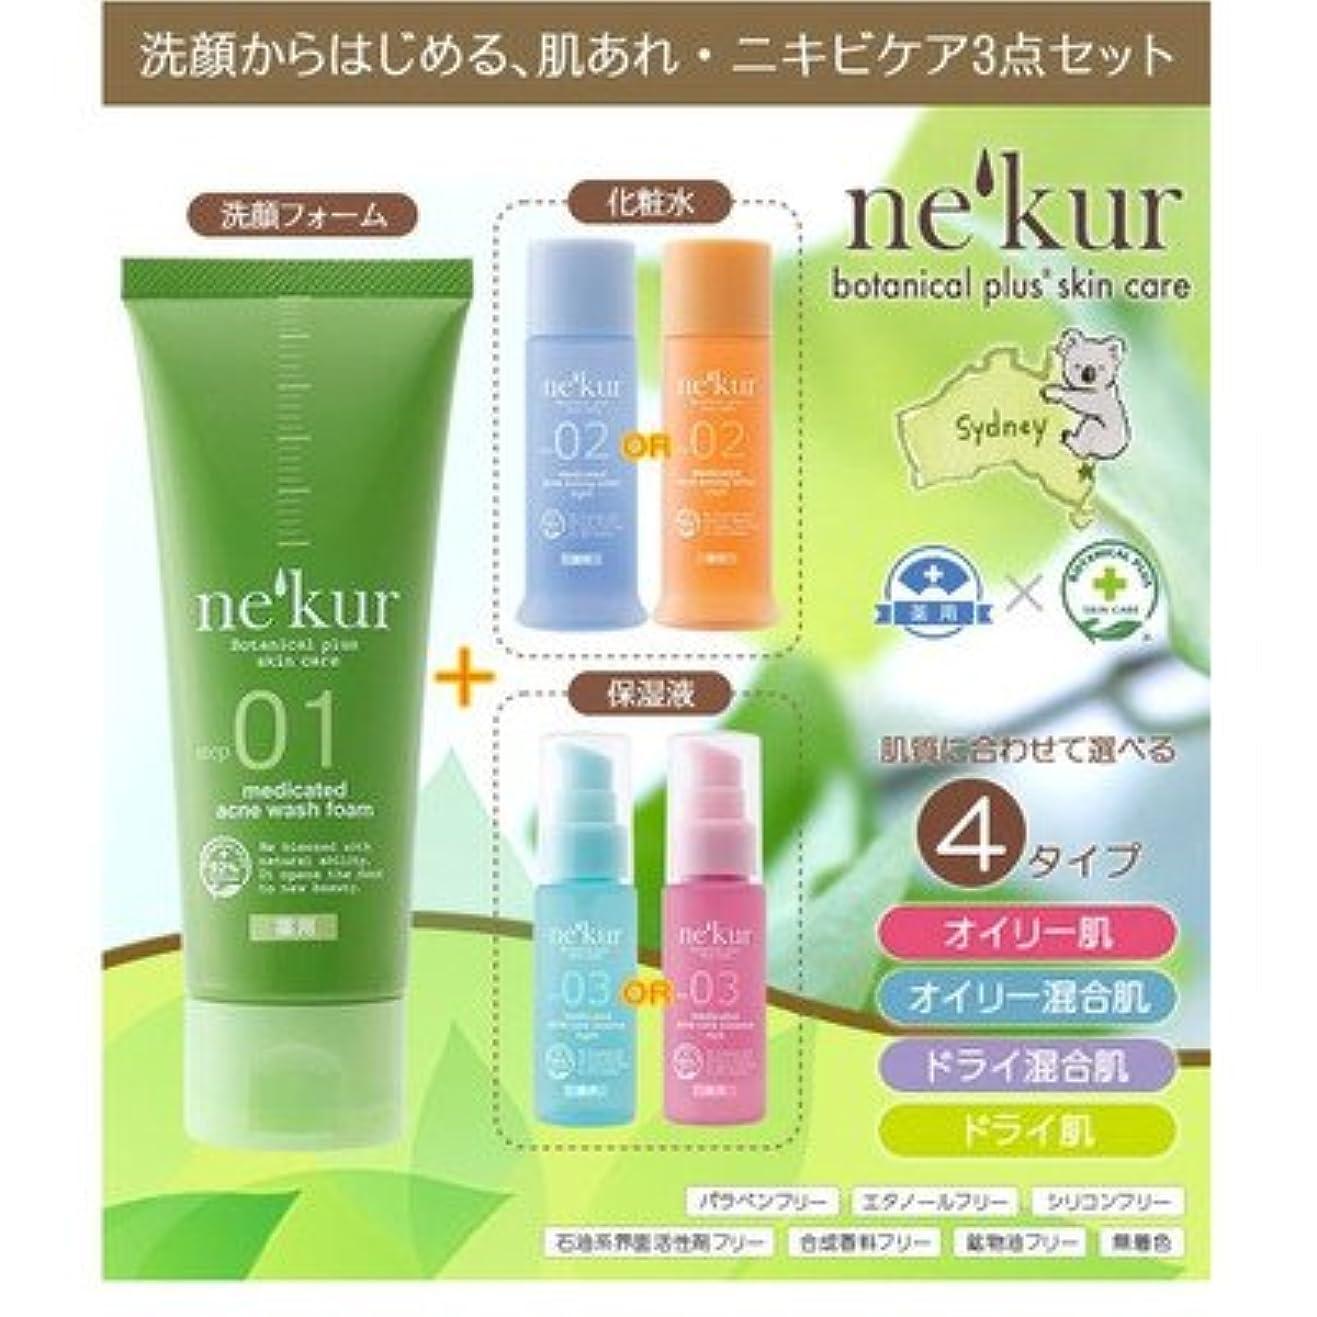 用心雇用プライムネクア(nekur) ボタニカルプラススキンケア 薬用アクネ洗顔3点セット ドライ肌セット( 画像はイメージ画像です お届けの商品はドライ肌セットのみとなります)